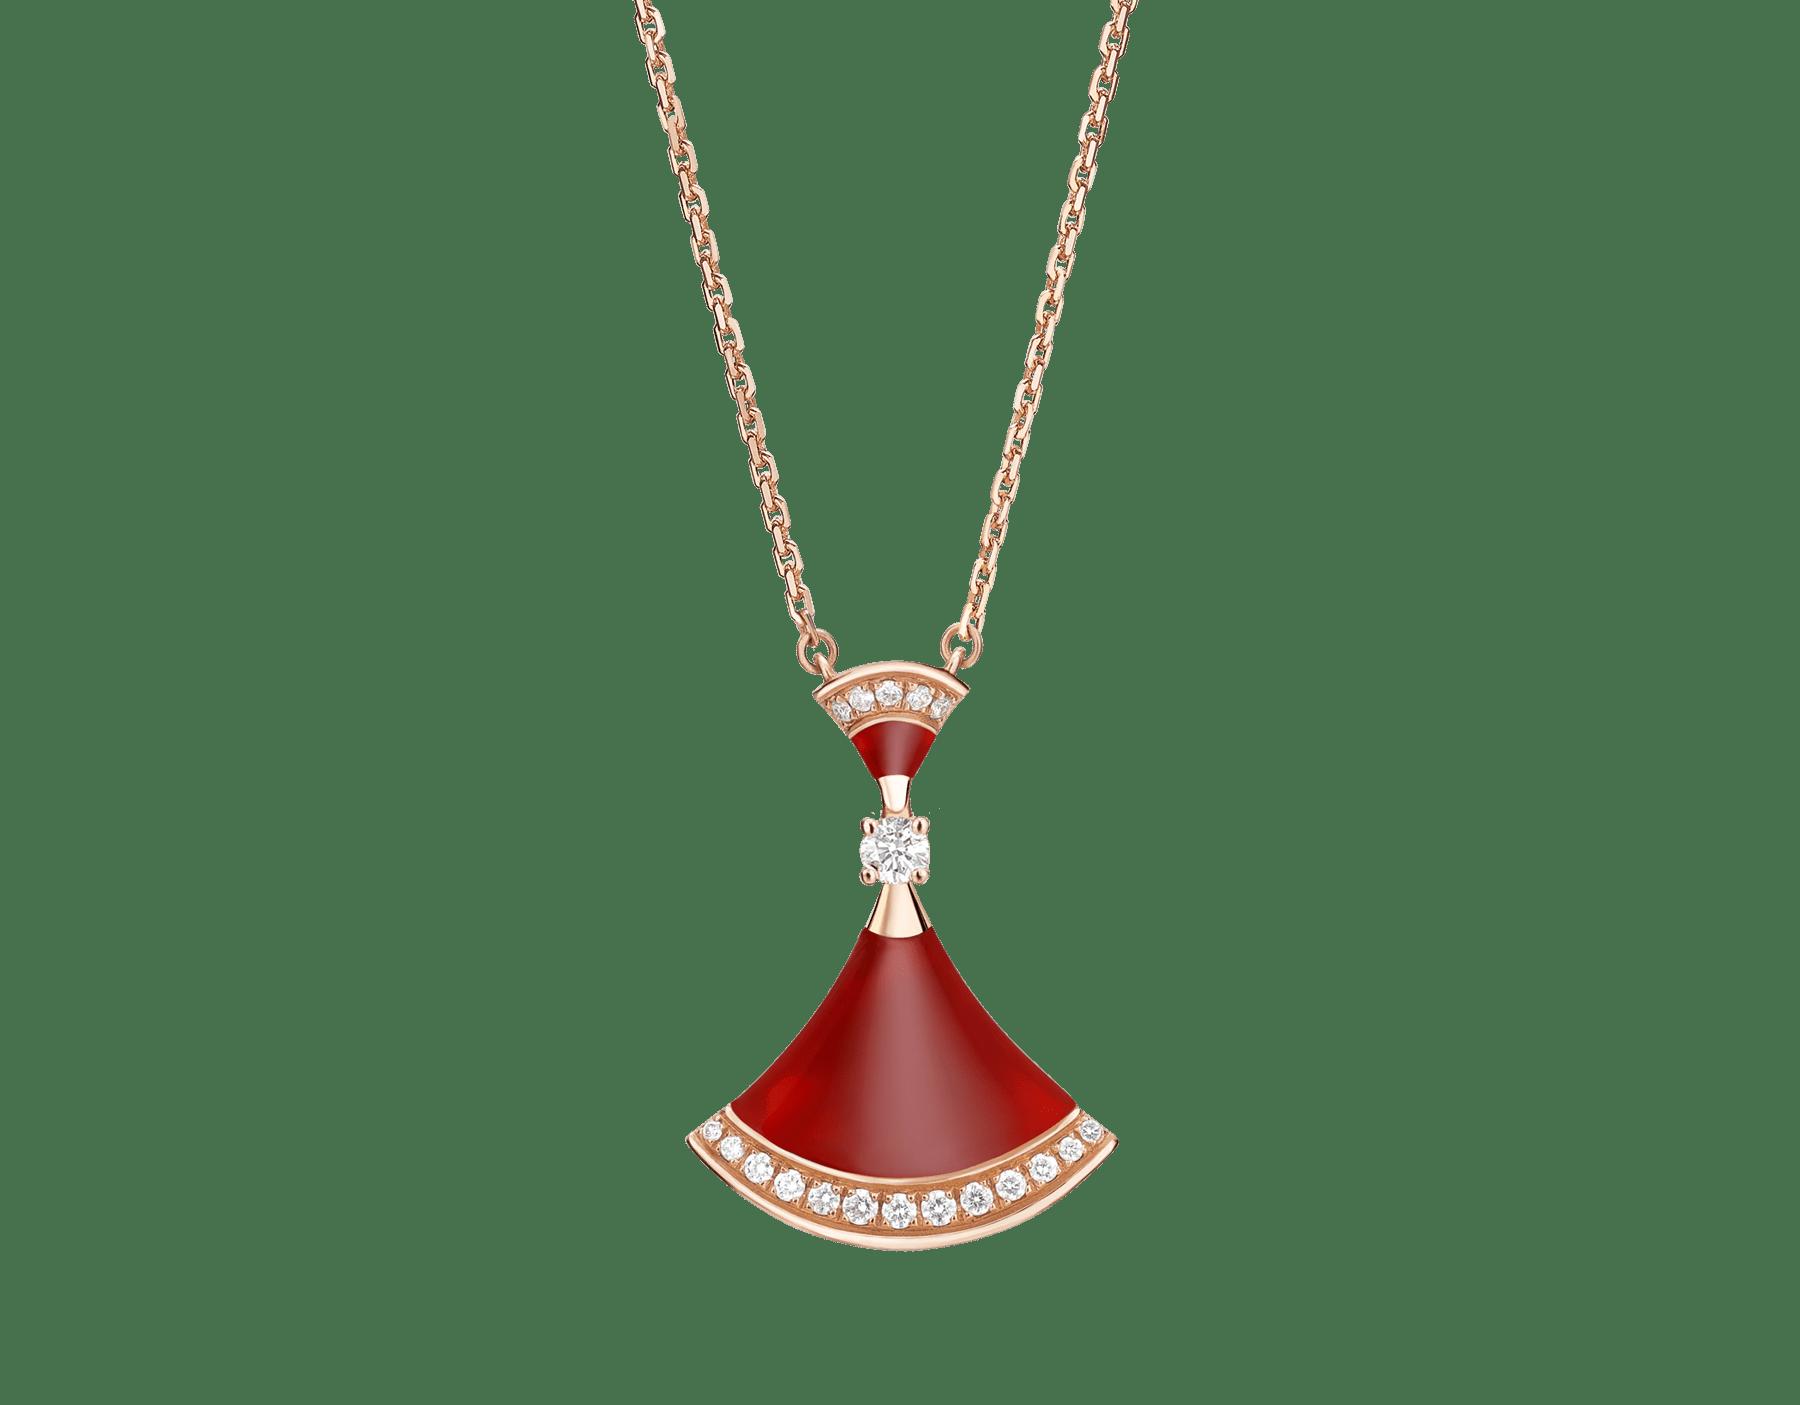 DIVAS' DREAM 18 kt rose gold necklace set with carnelian elements, a round brilliant-cut diamond and pavé diamonds. 356437 image 1